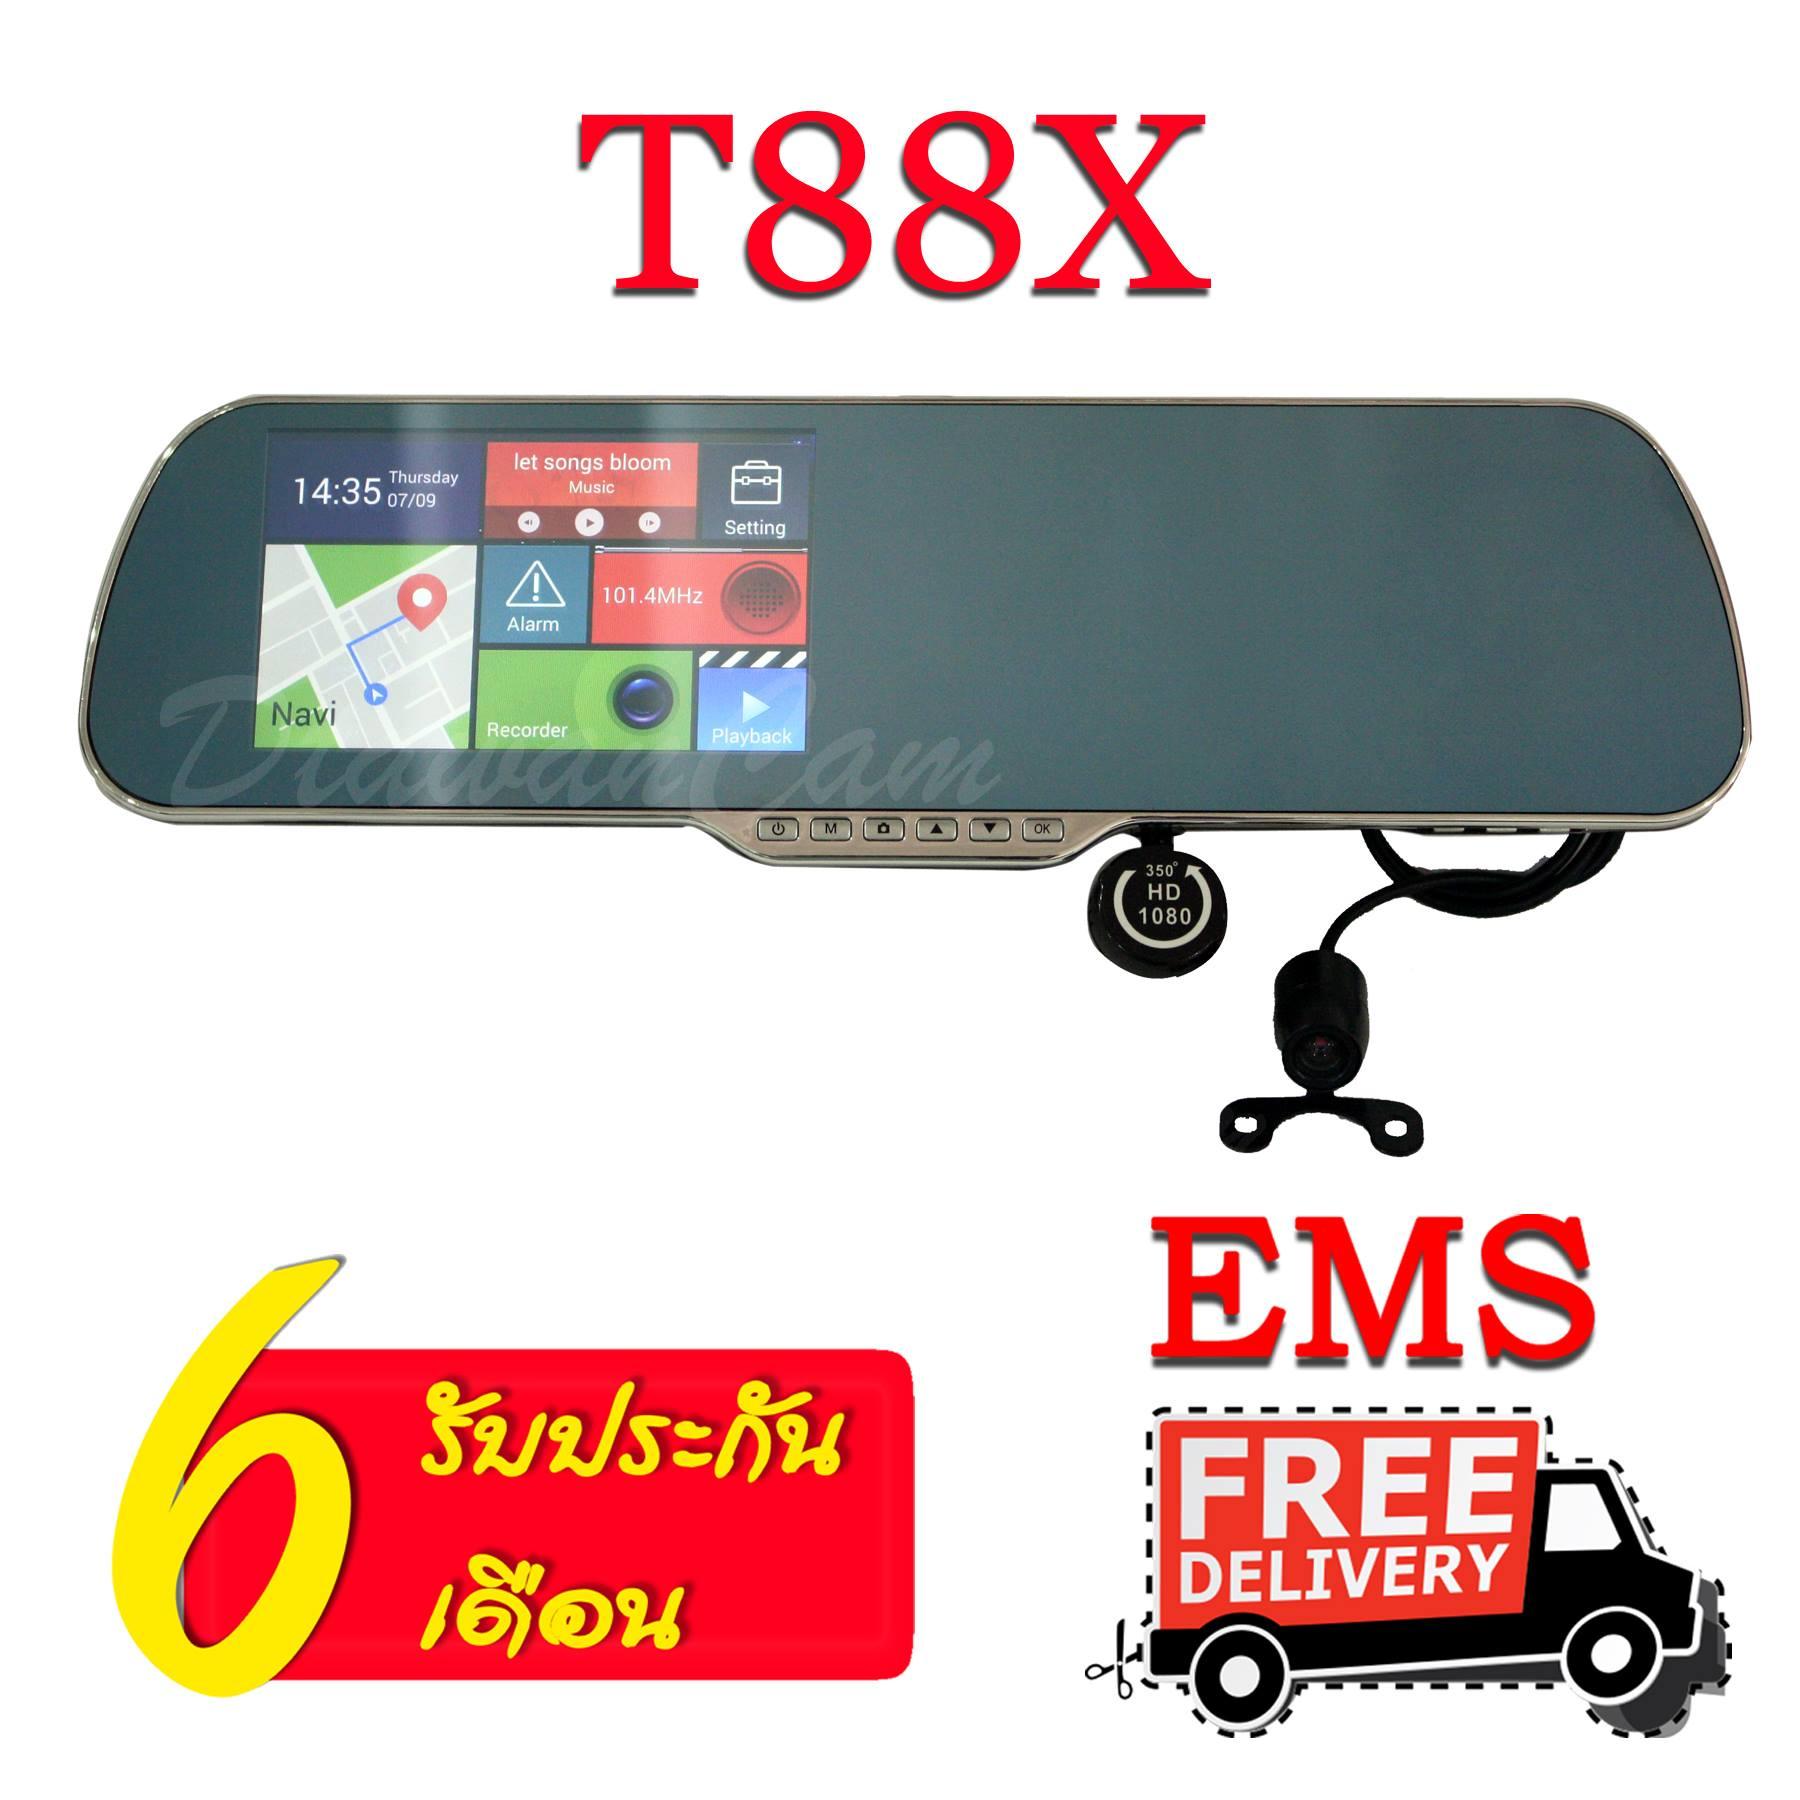 กล้องติดรถยนต์ กระจกมองหลัง T88x ระบบ android มี กล้องหลัง GPS นำทางและ WIFIในตัว